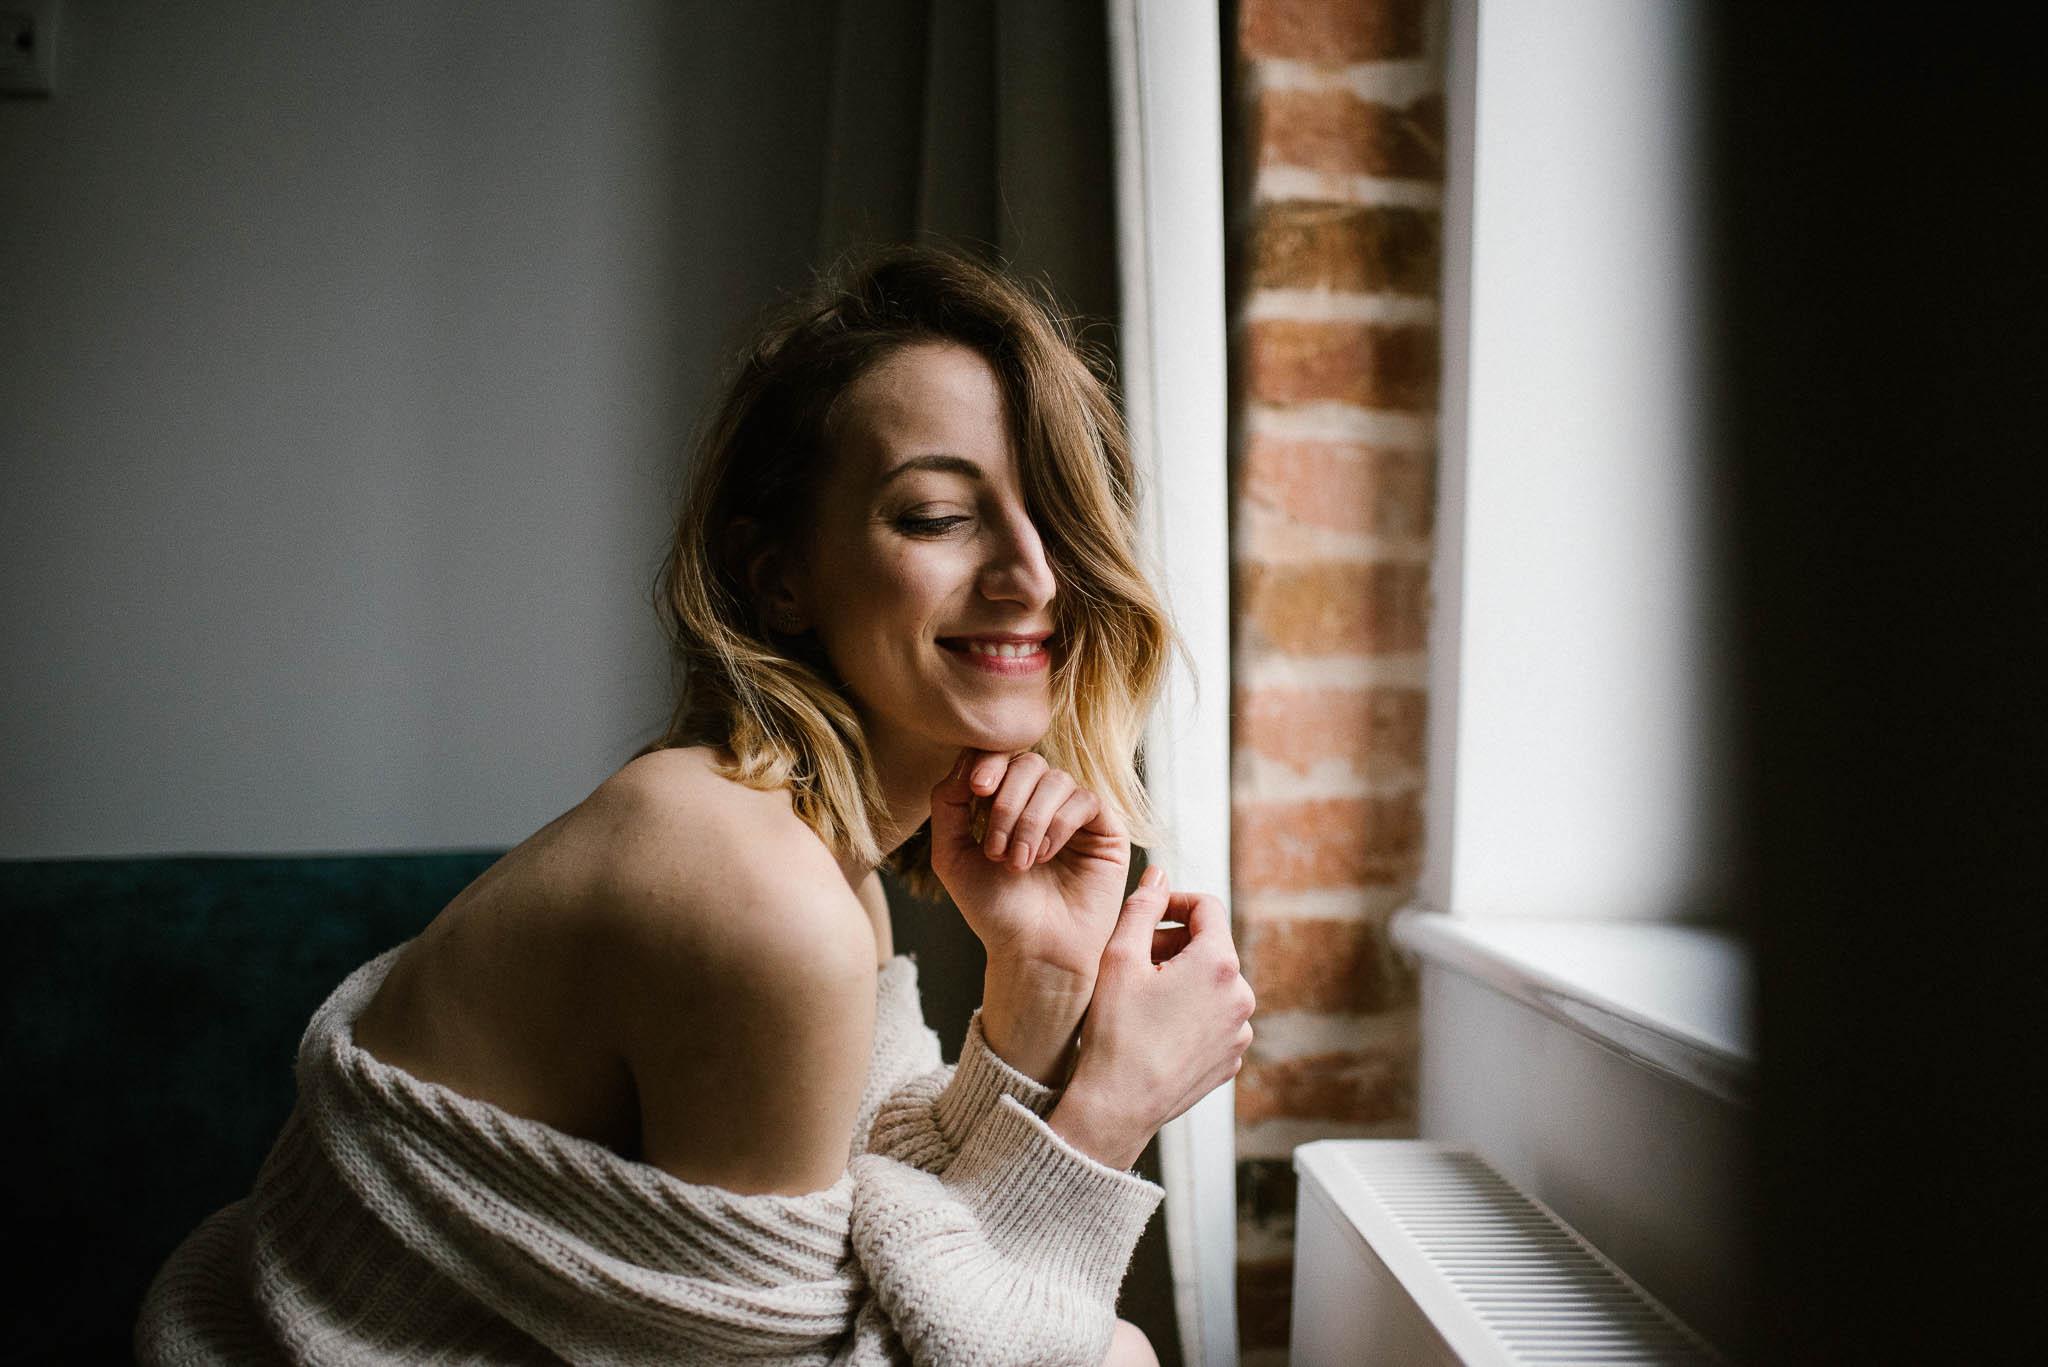 Kobieta w swetrze pokazuje ramię i siedzi przy oknie - sesja kobieca w apartamencie w Poznaniu